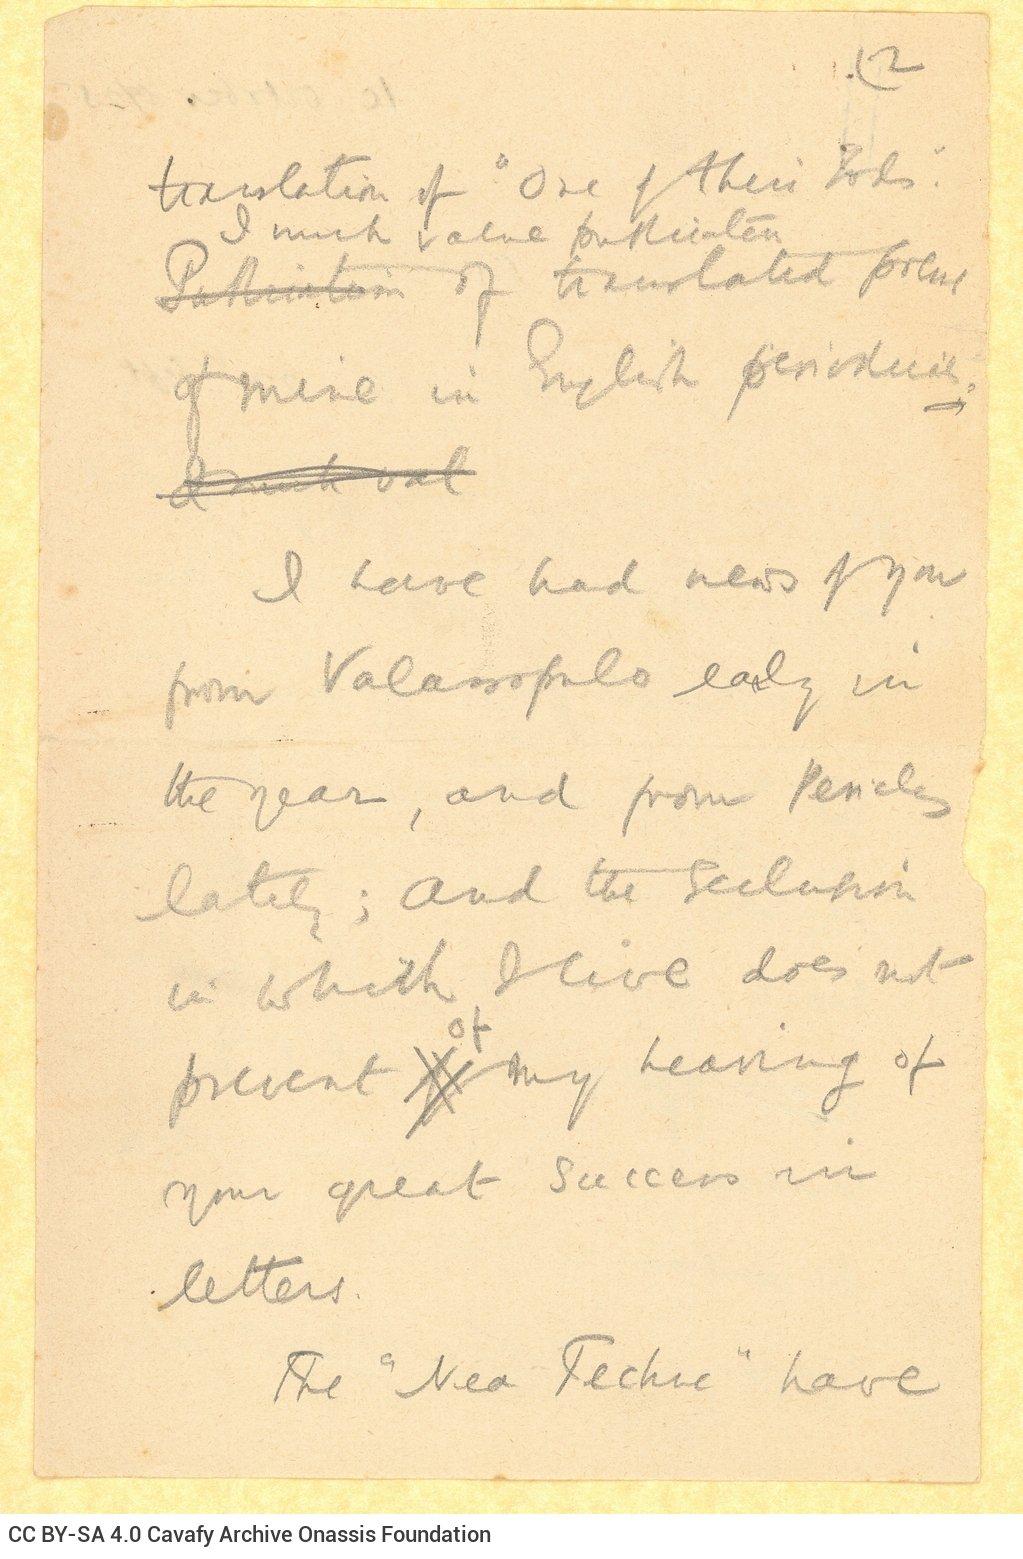 Χειρόγραφο σχέδιο επιστολής του Καβάφη προς τον Ε. Μ. Φόρστερ (E. M. Forste